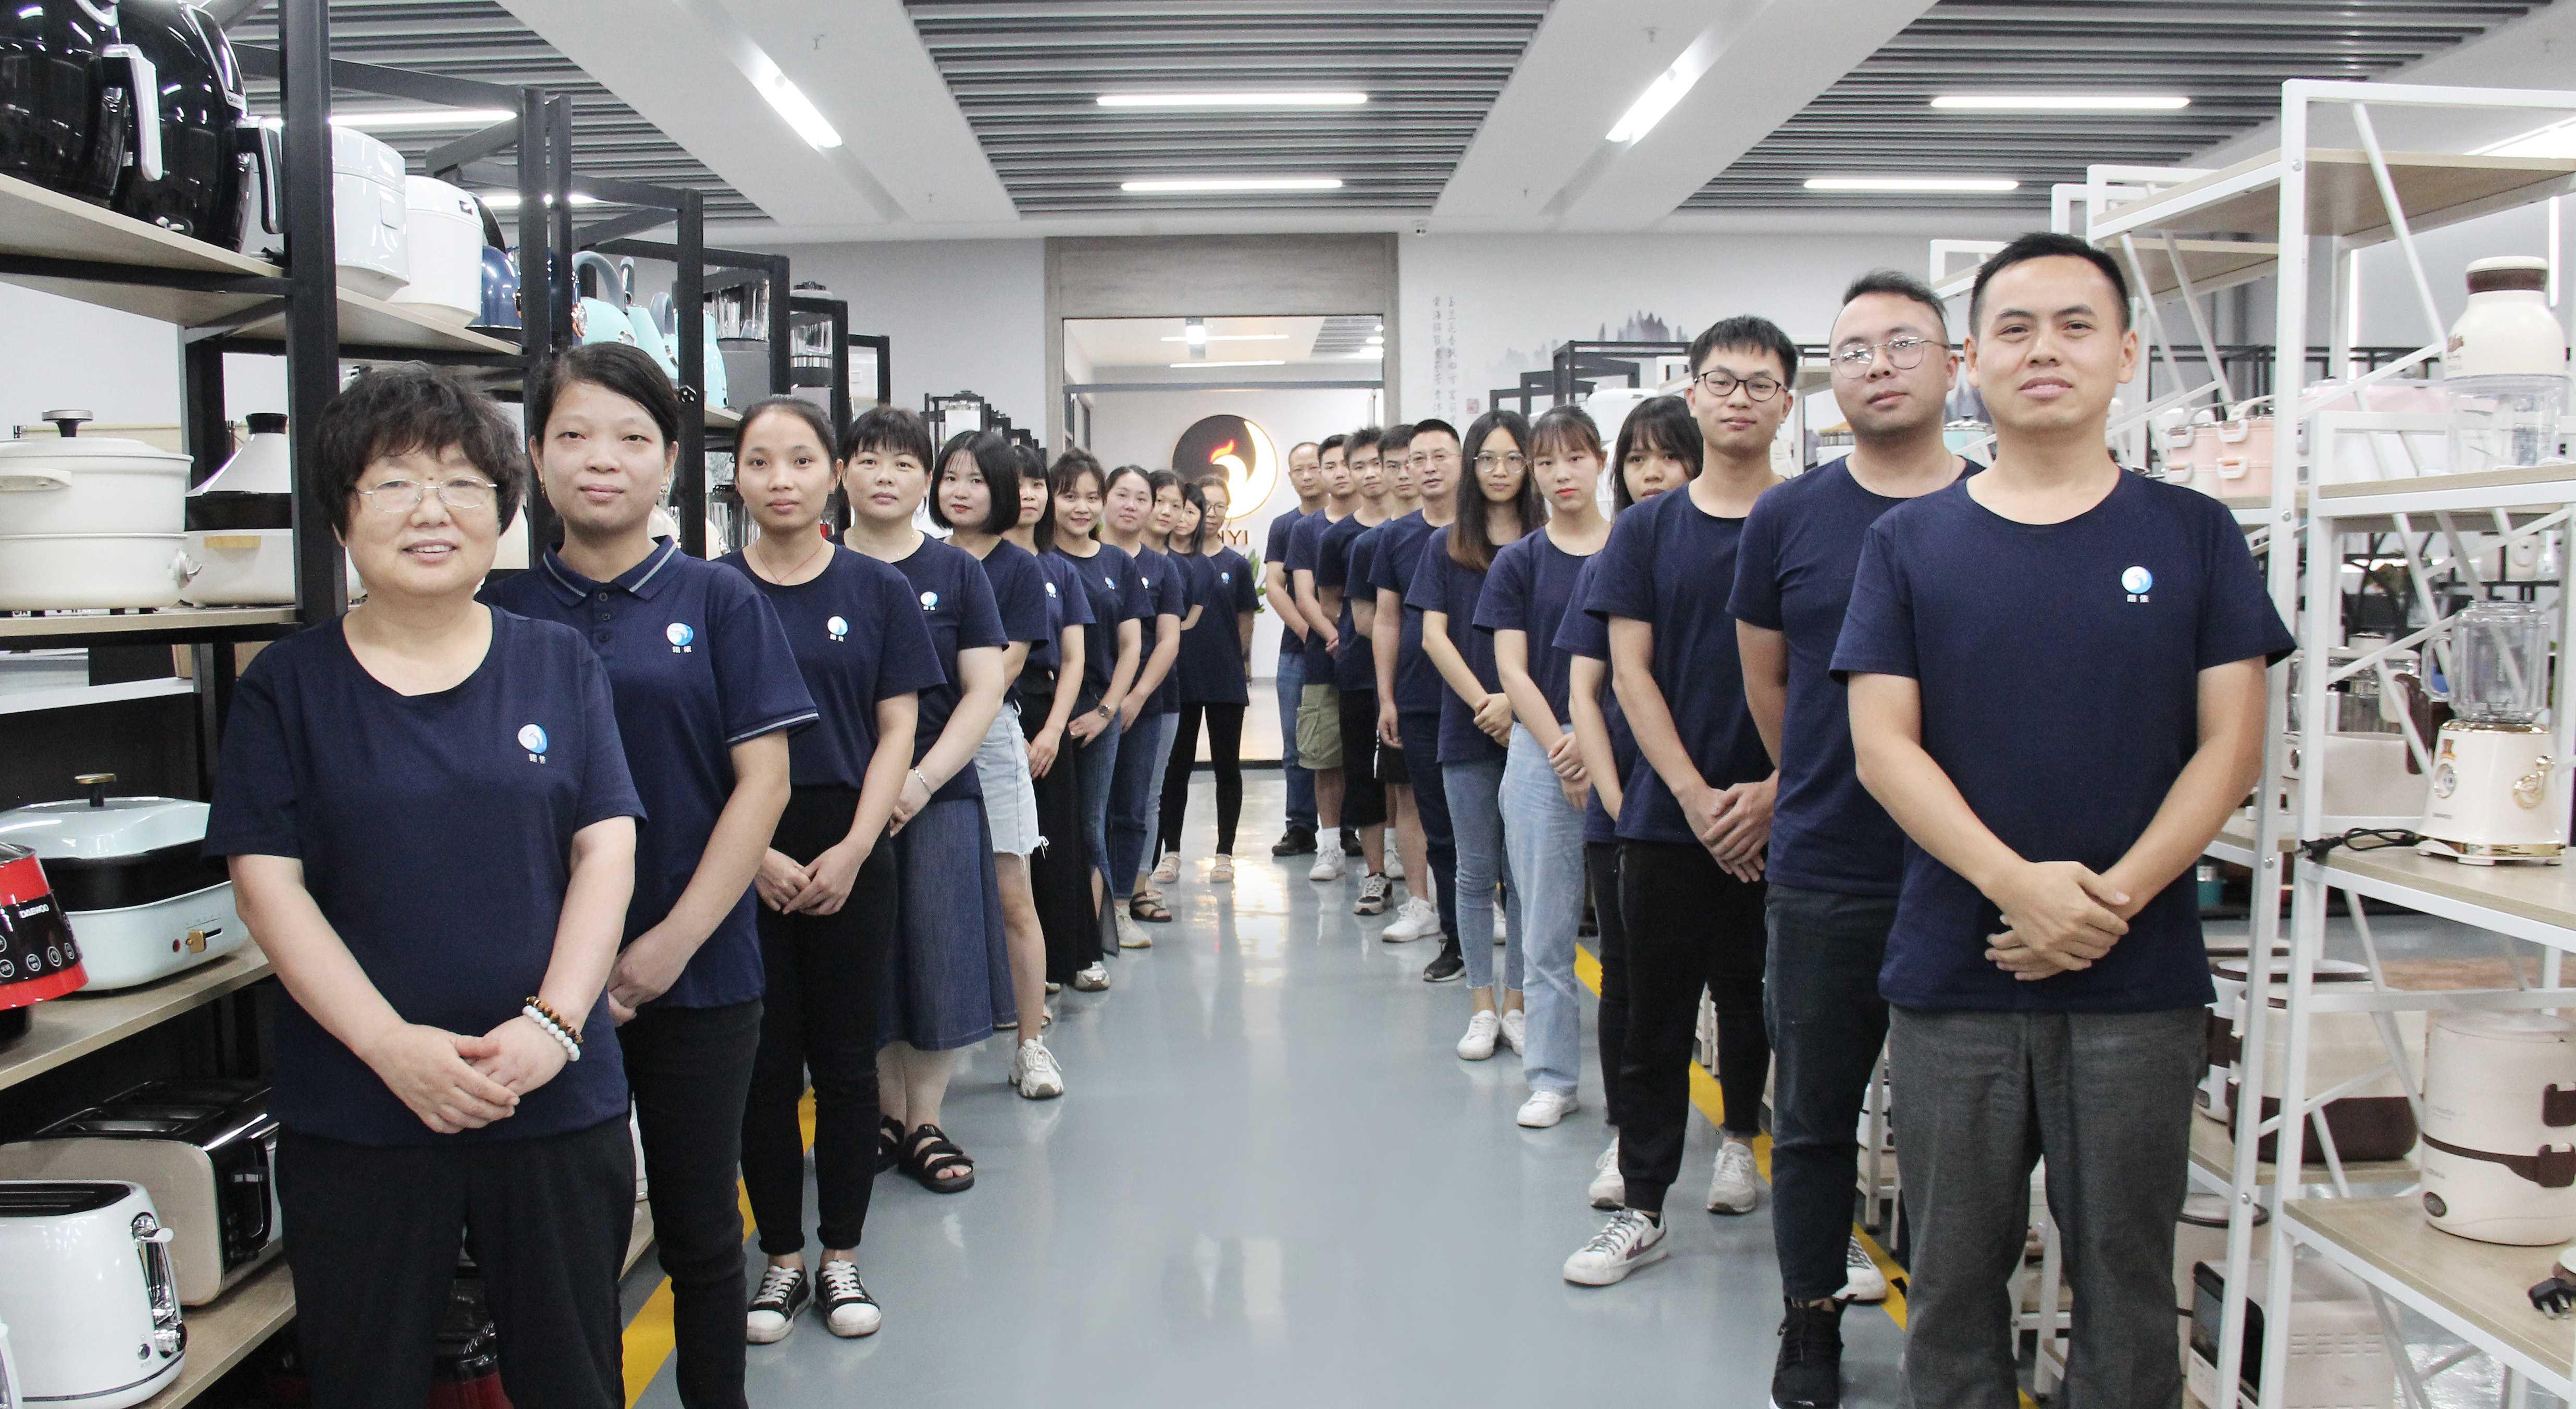 國瑞健康科技(深圳)有限公司